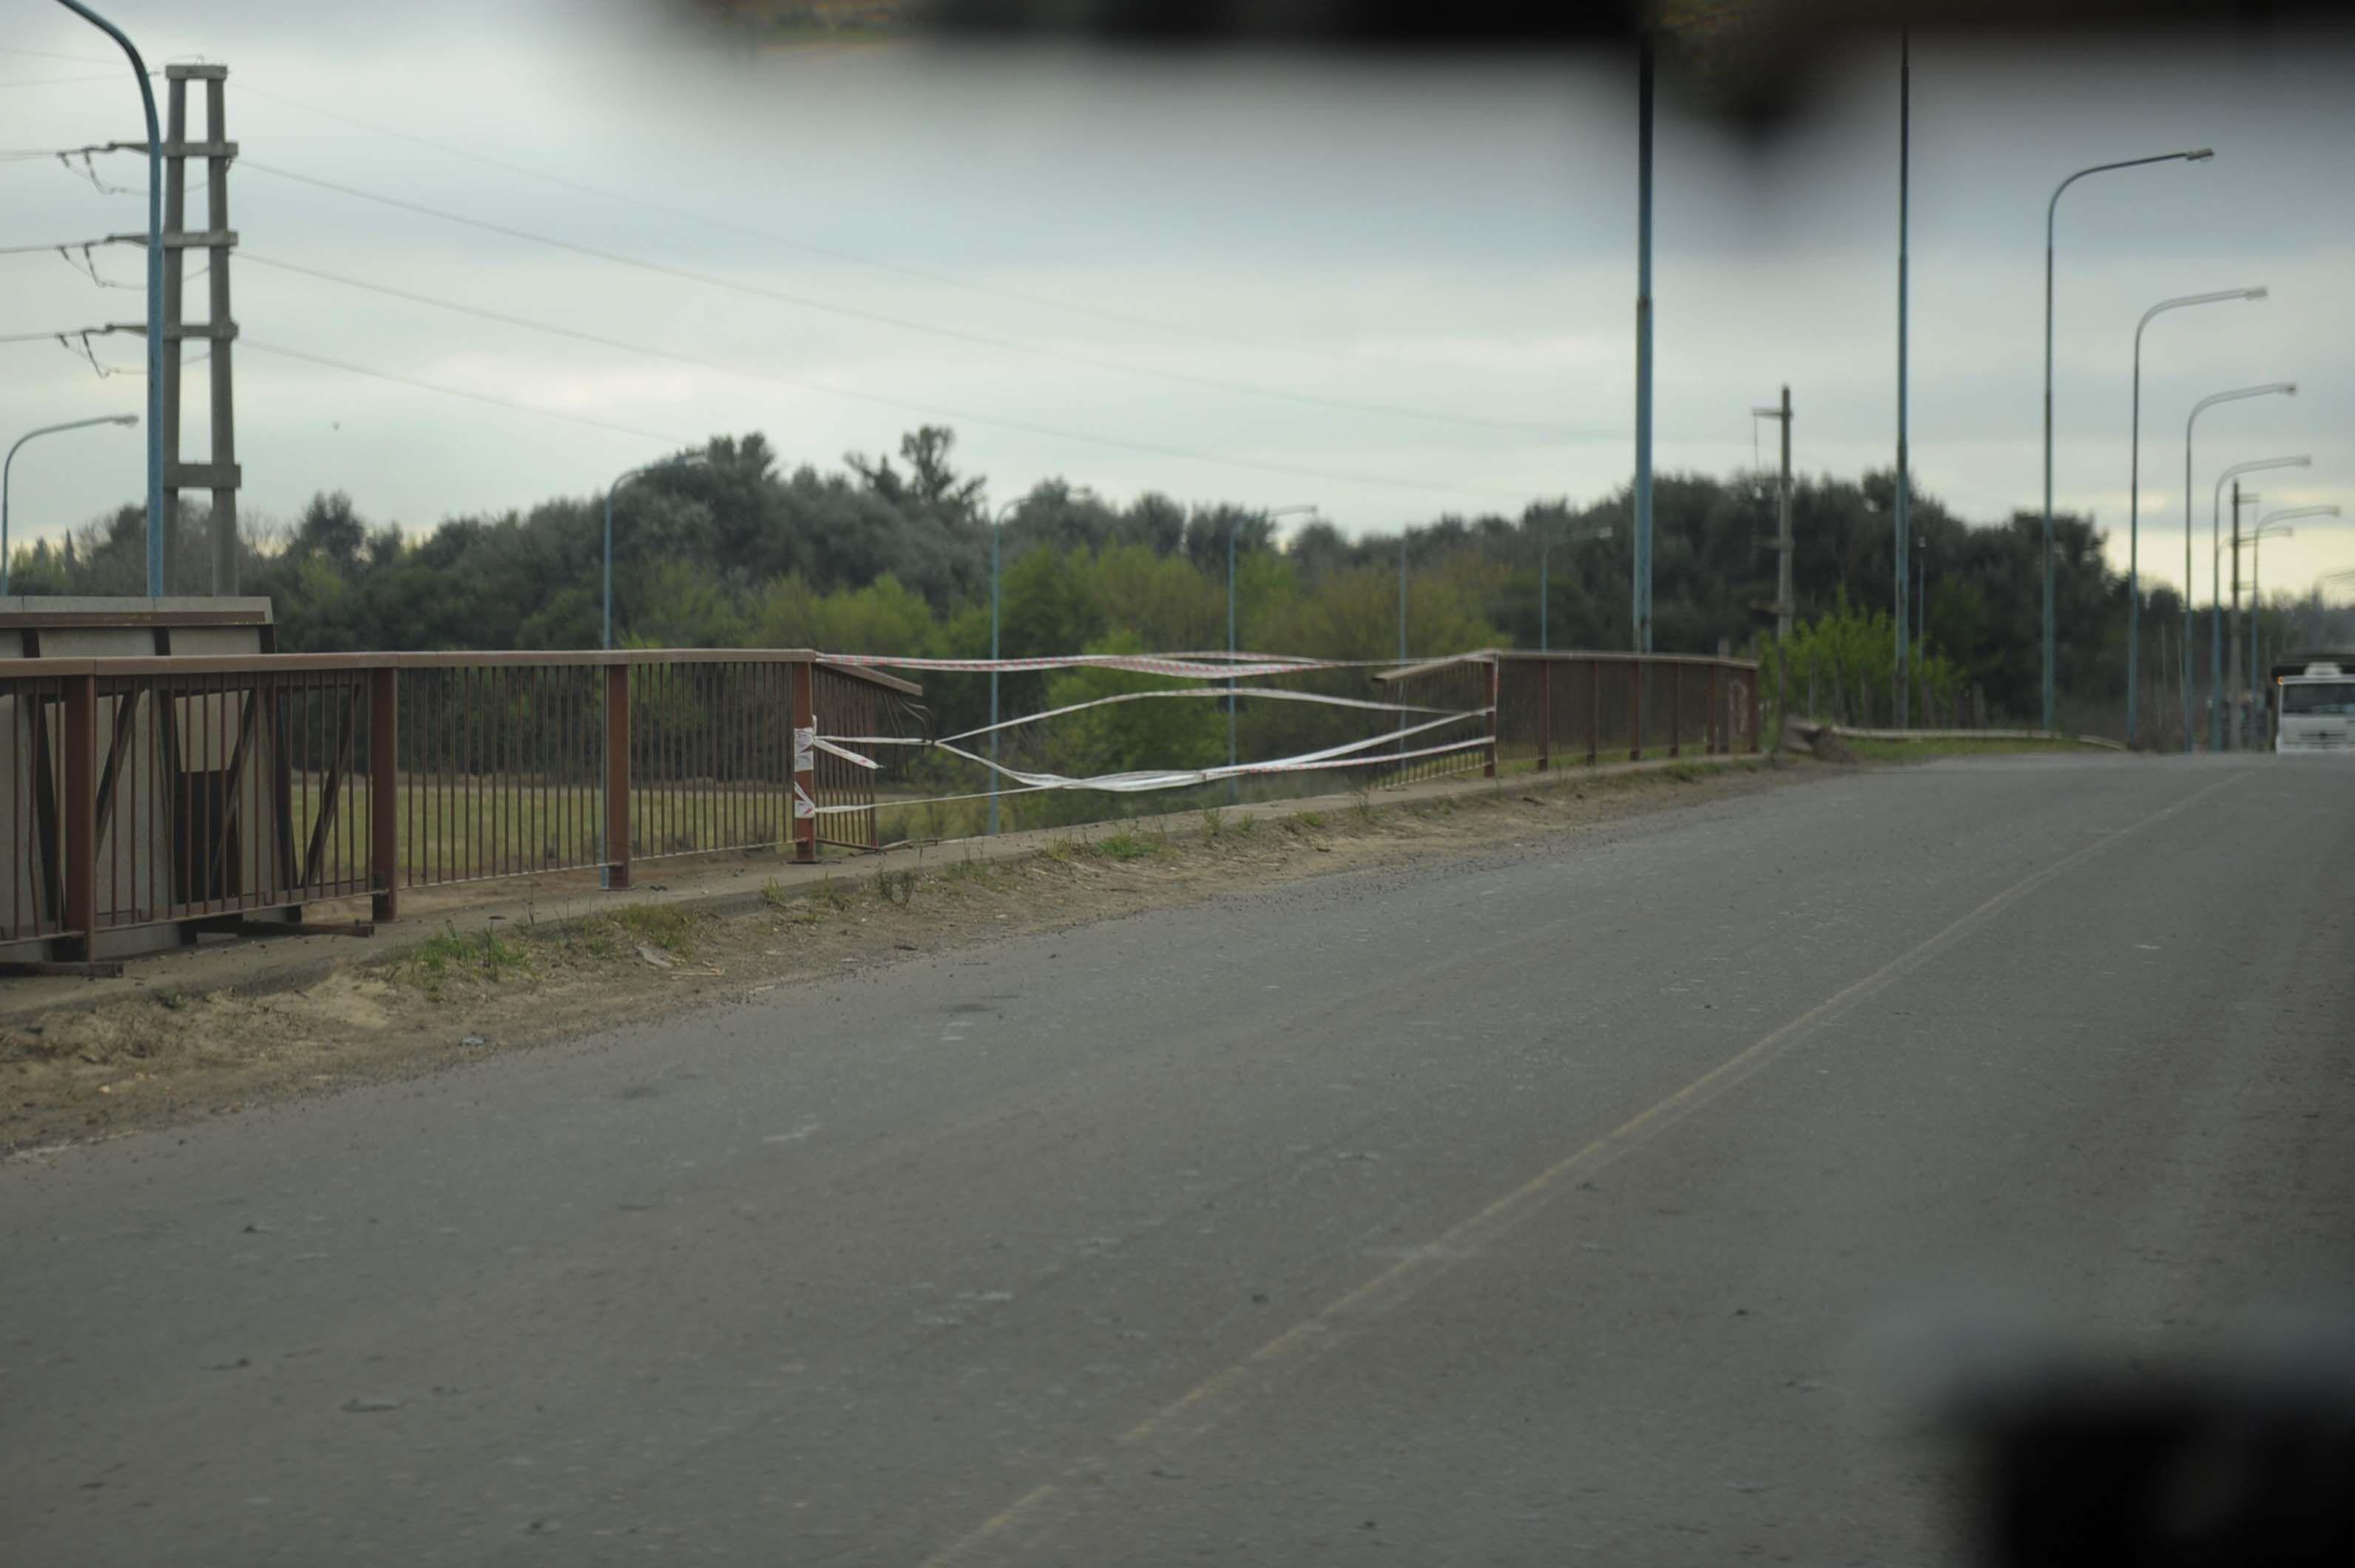 El lugar donde se produjo el accidente. (Foto: Celina M. Lovera)